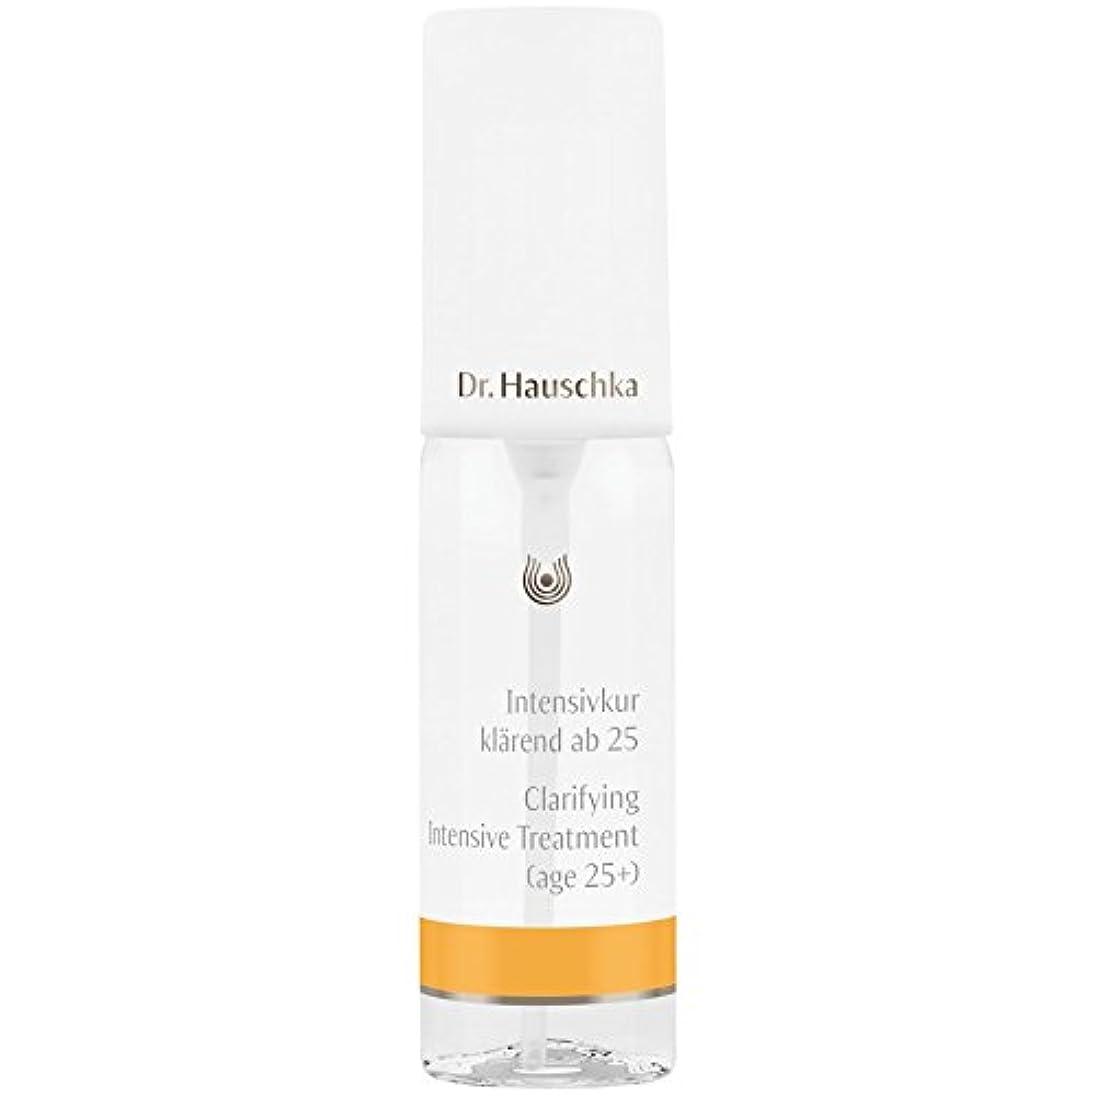 吸収剤ロンドン正午[Dr Hauschka] 25+ 02 40ミリリットルのための集中治療を明確化のDrハウシュカ - Dr Hauschka Clarifying Intensive Treatment For 25+ 02 40ml...